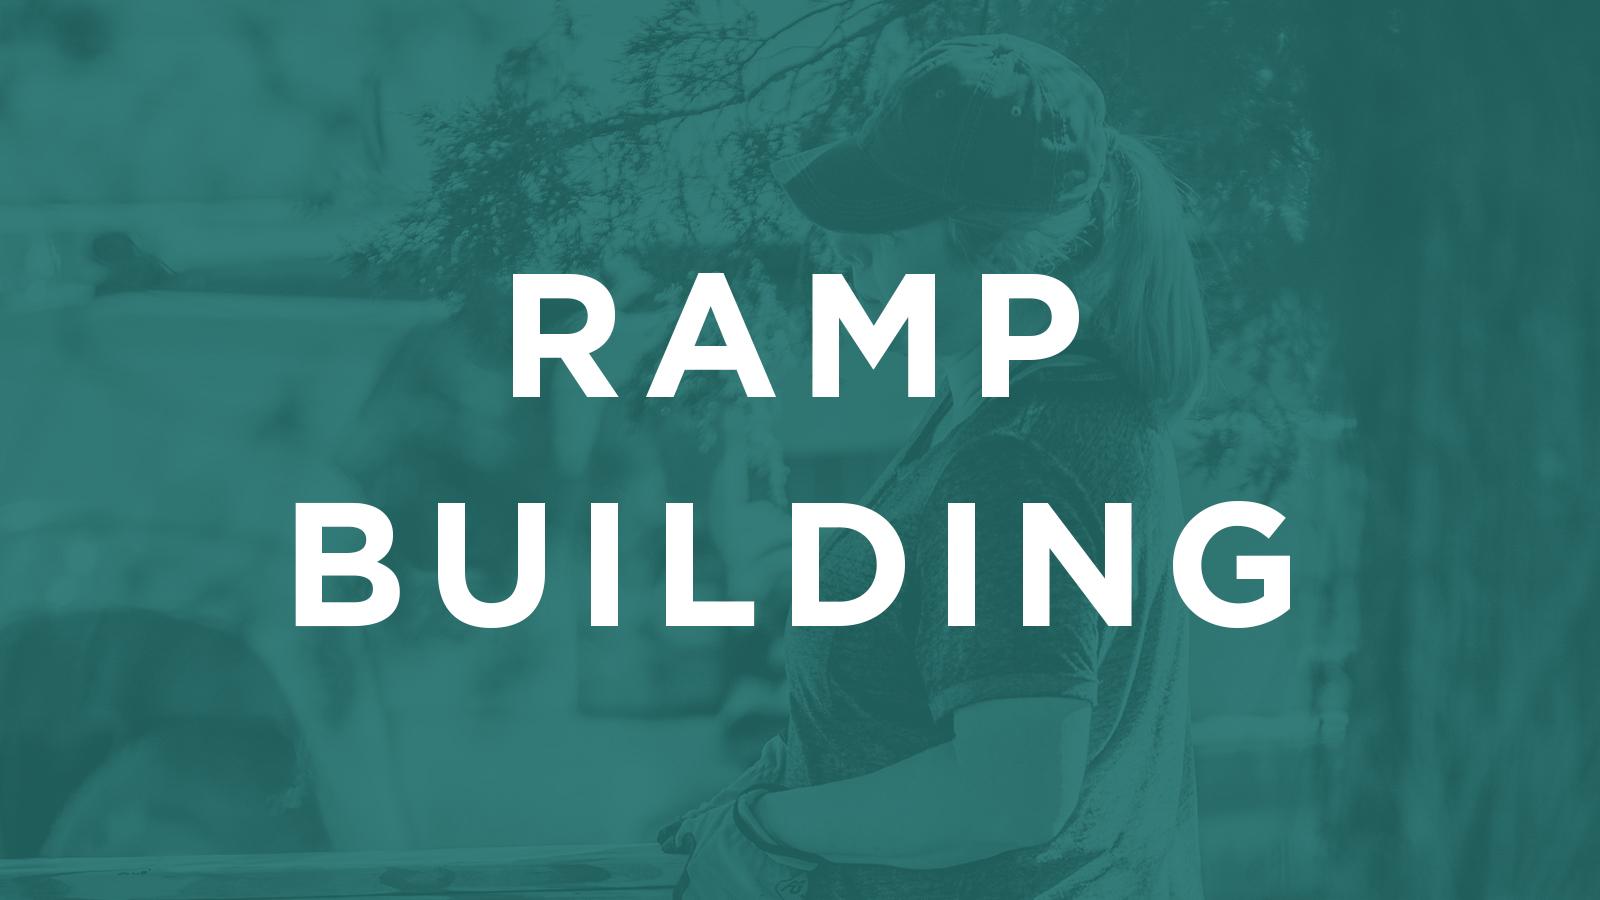 RampBuilding.jpg